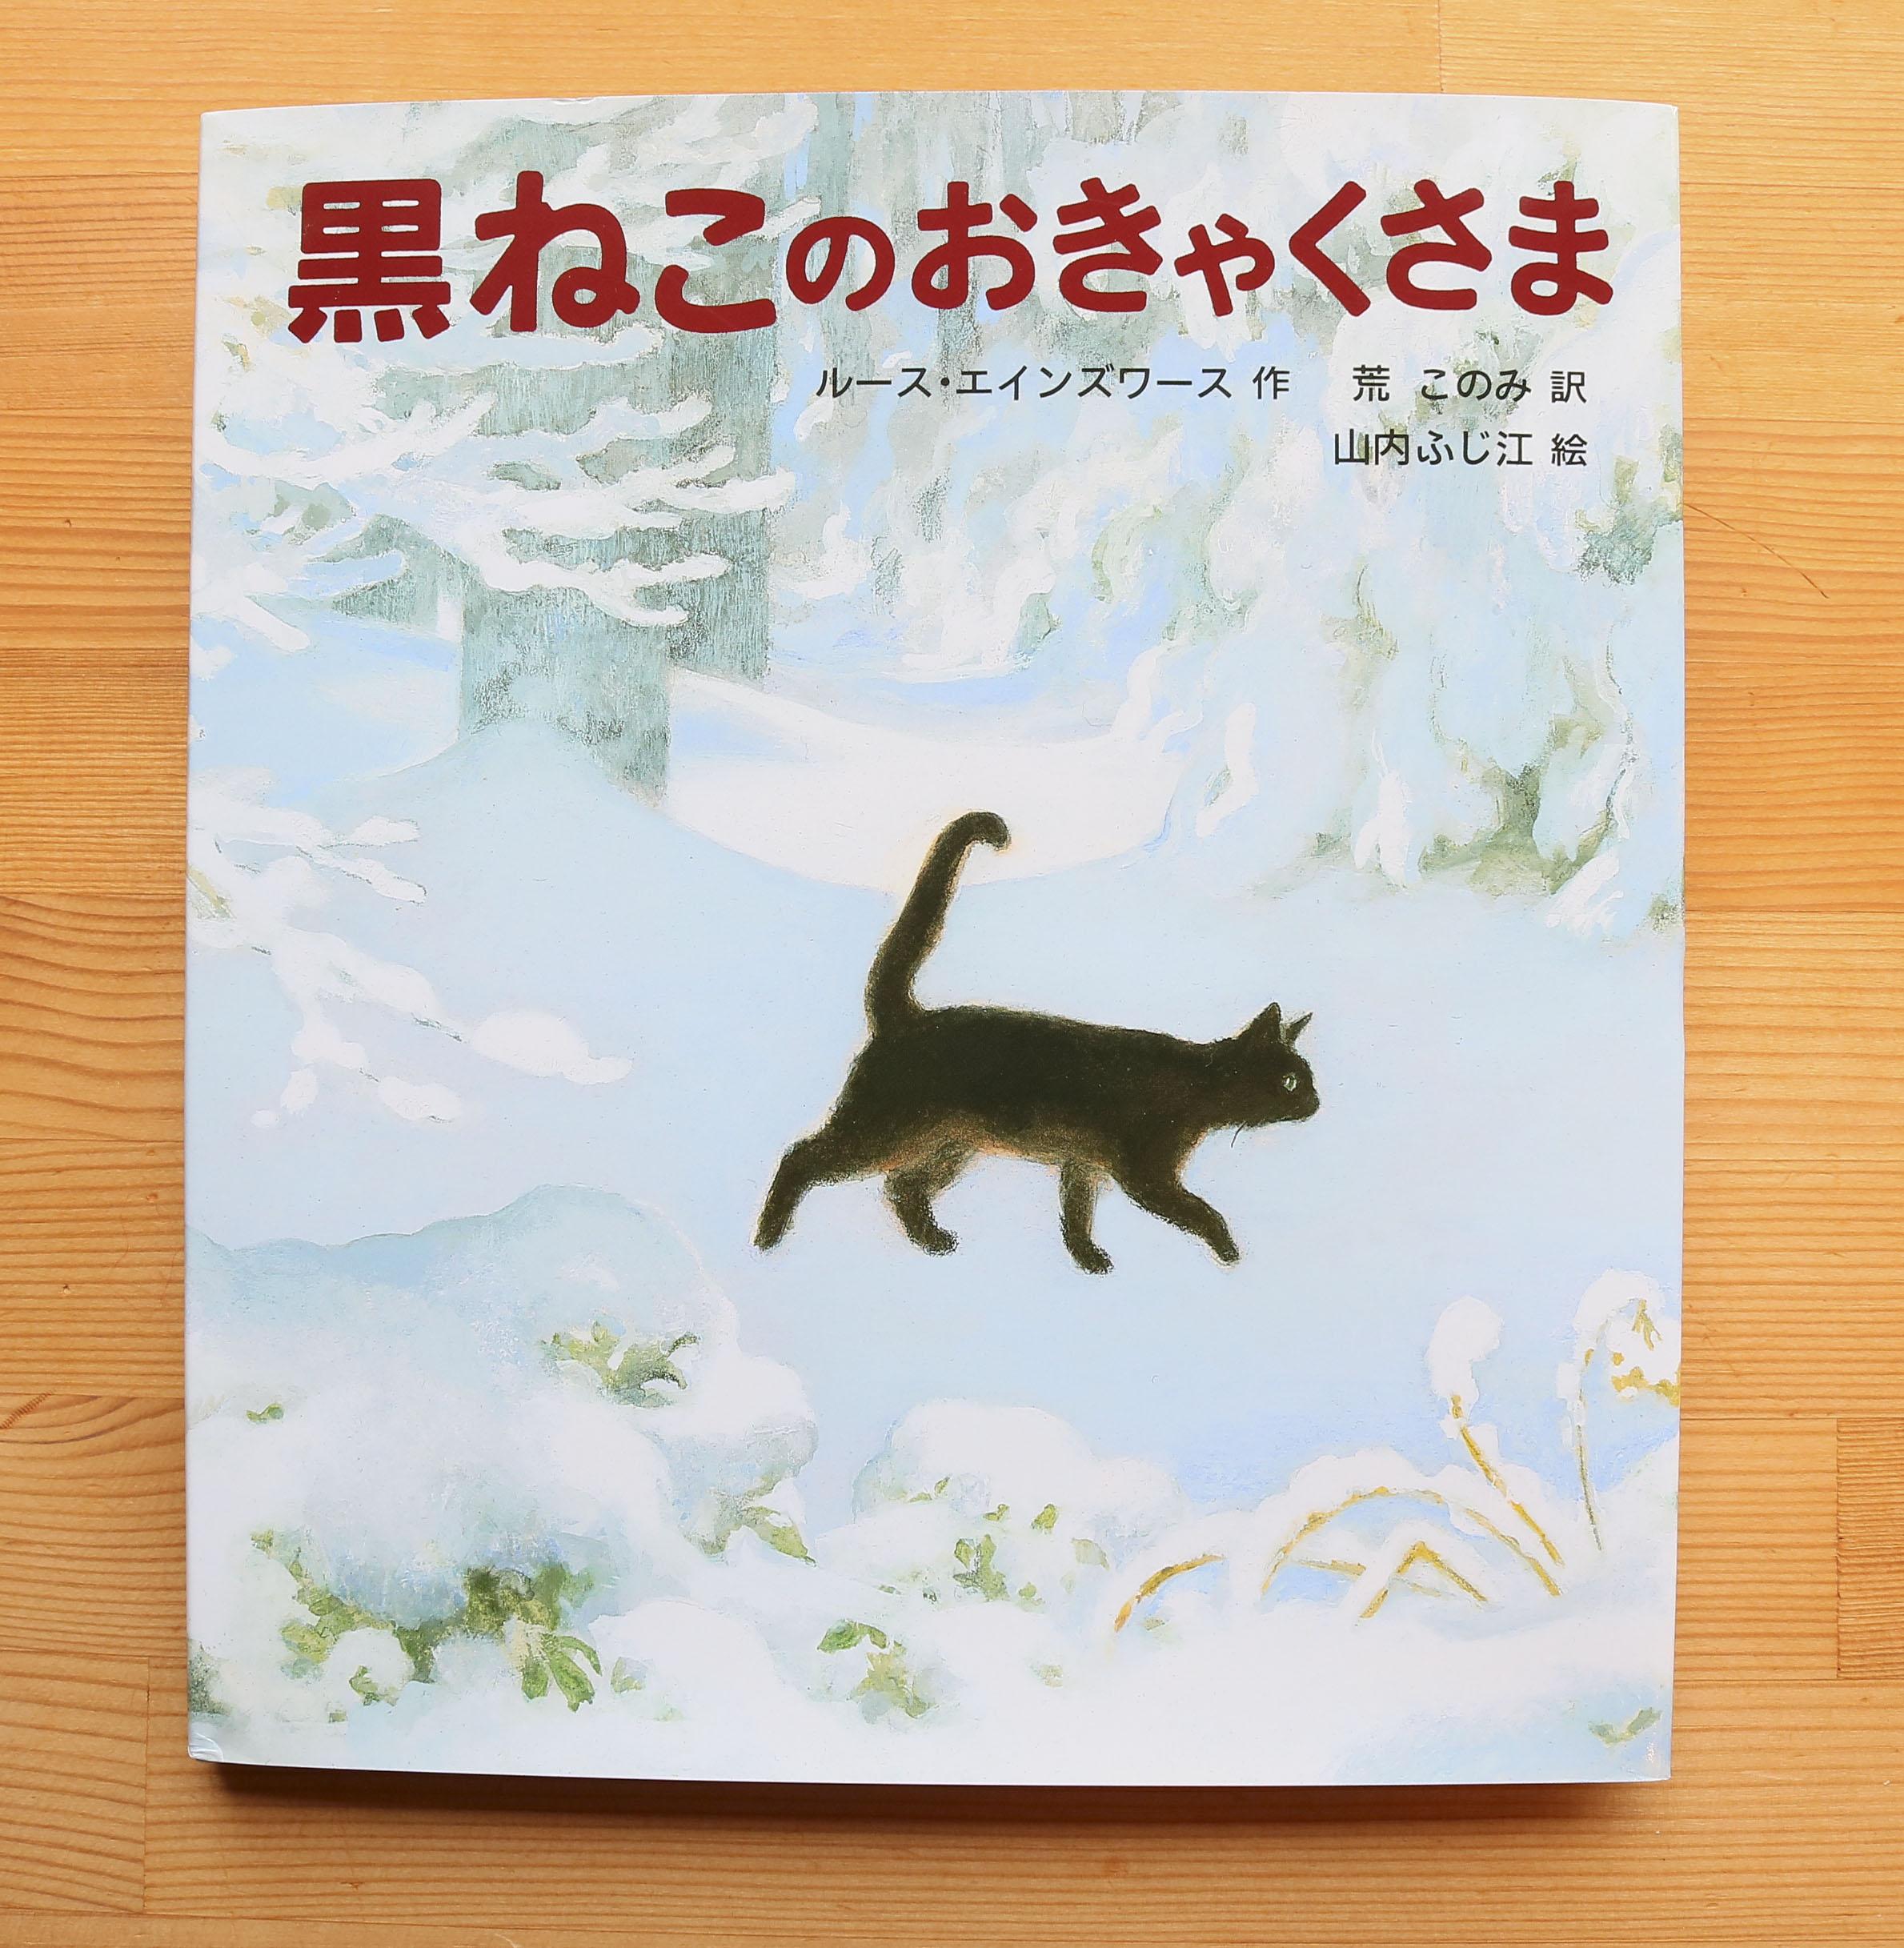 黒ねこのおきゃくさま 絵本 猫絵本 秋田 かぎしっぽ